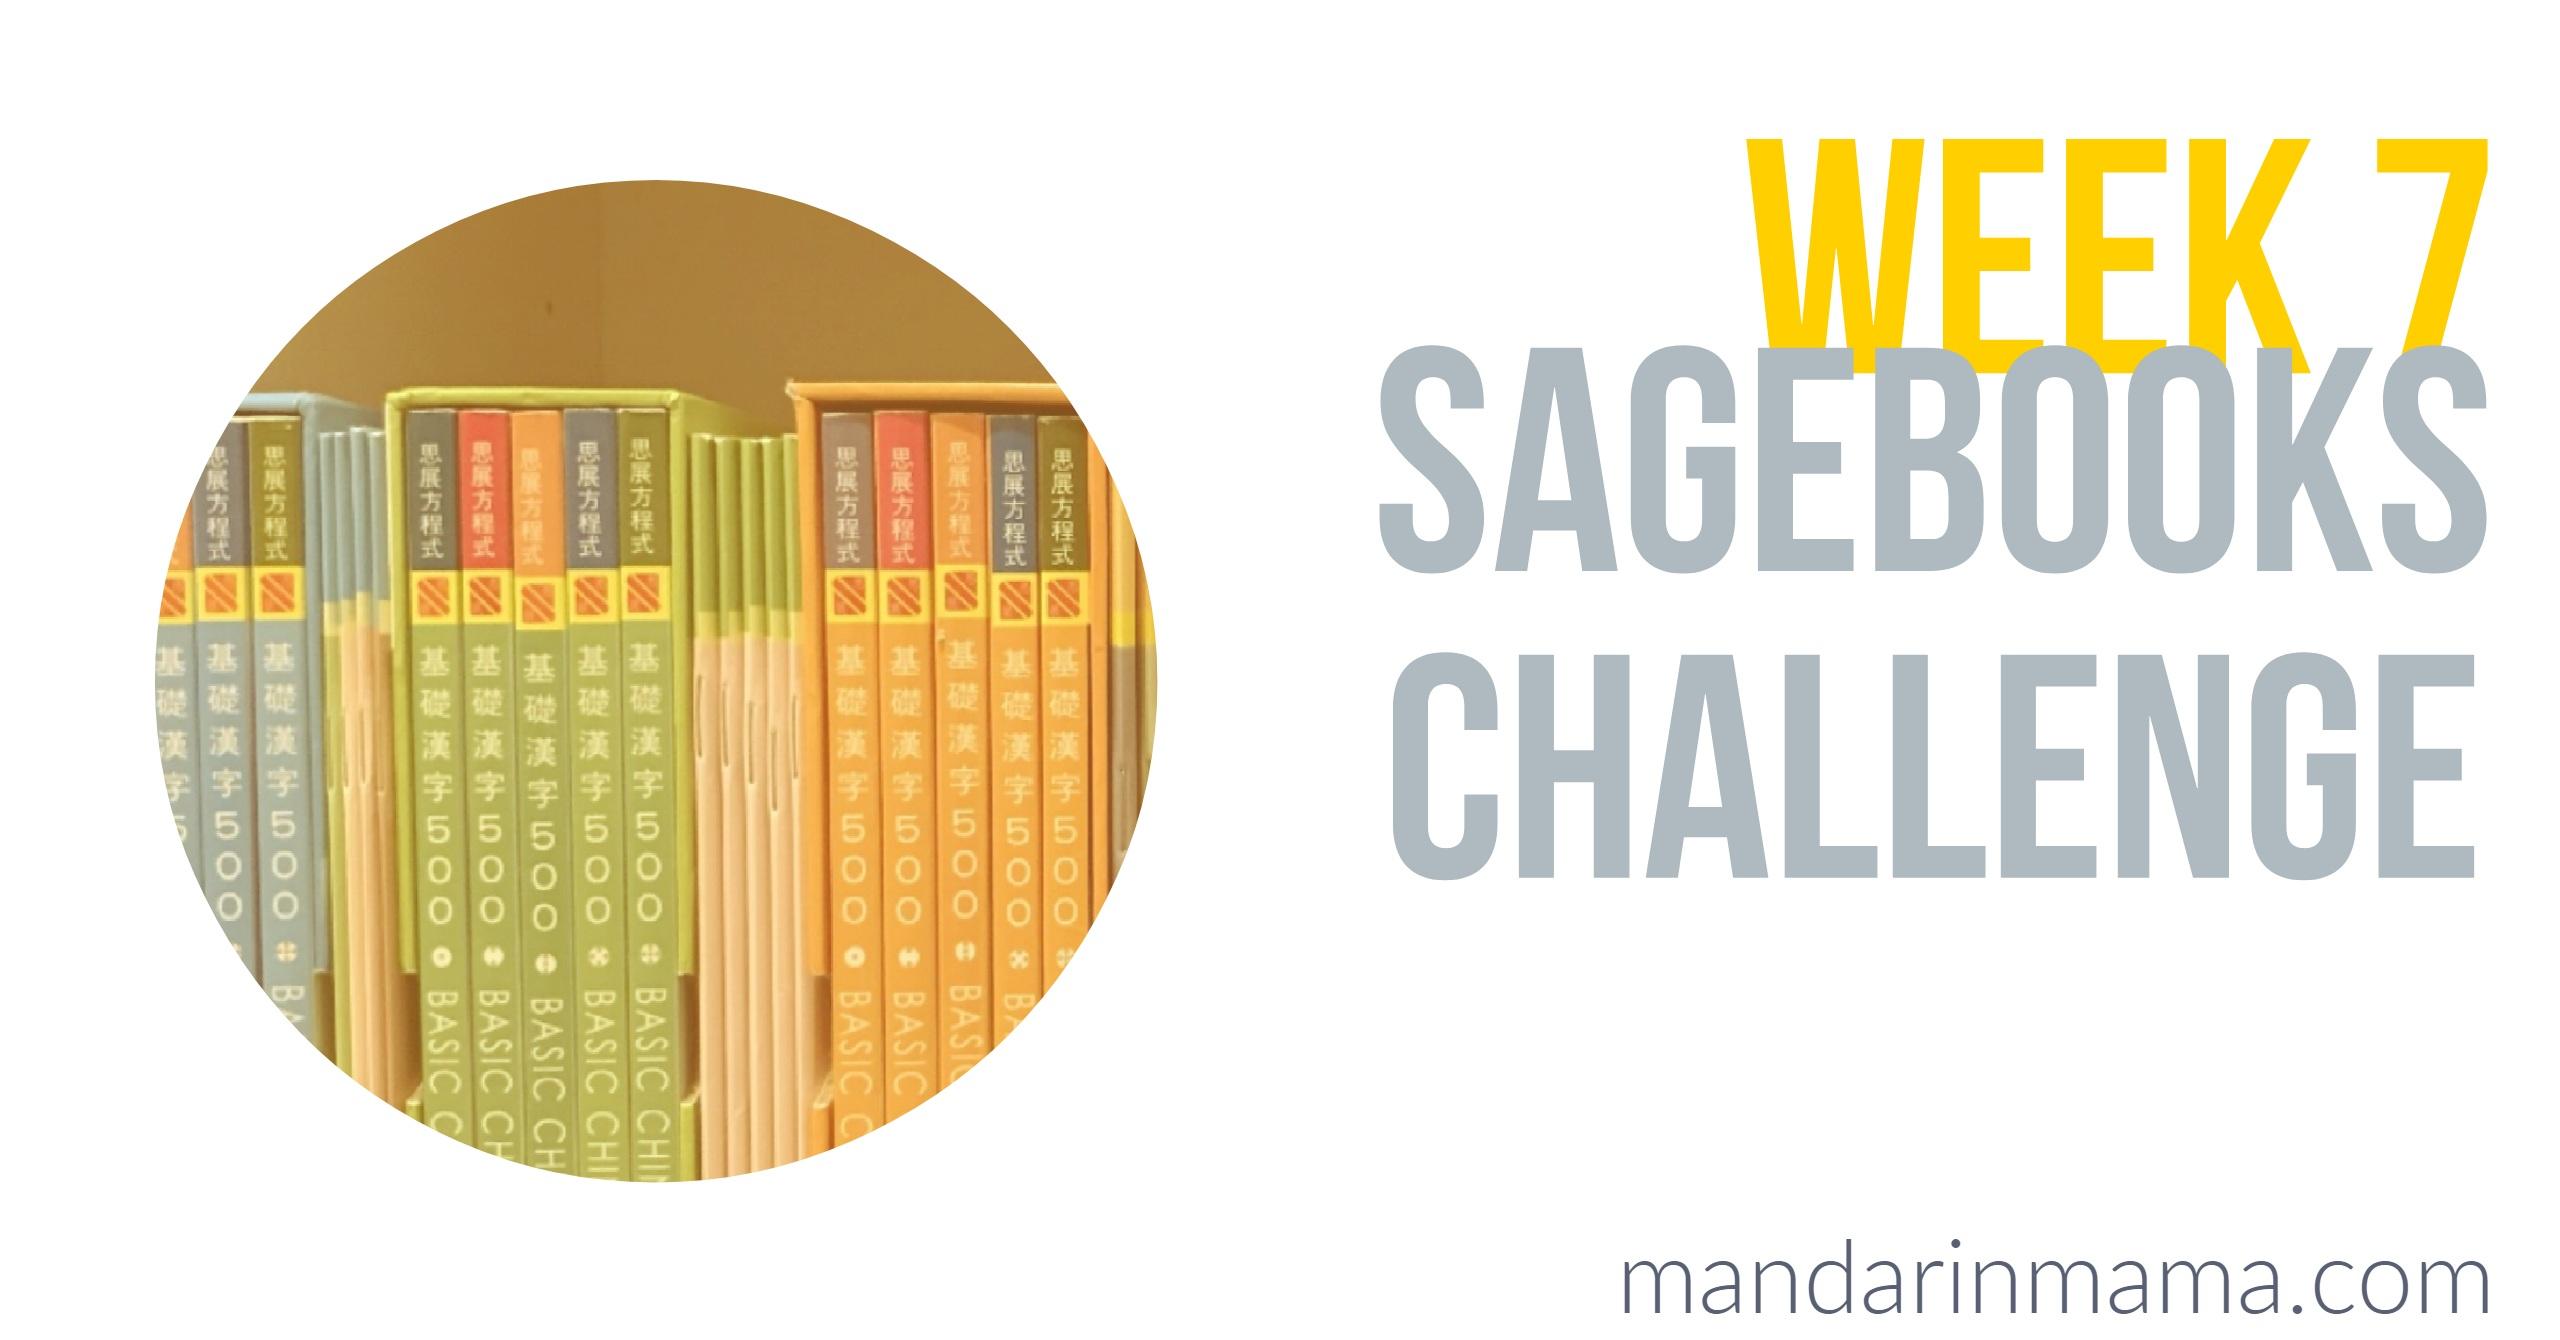 Sagebooks Challenge Week 7